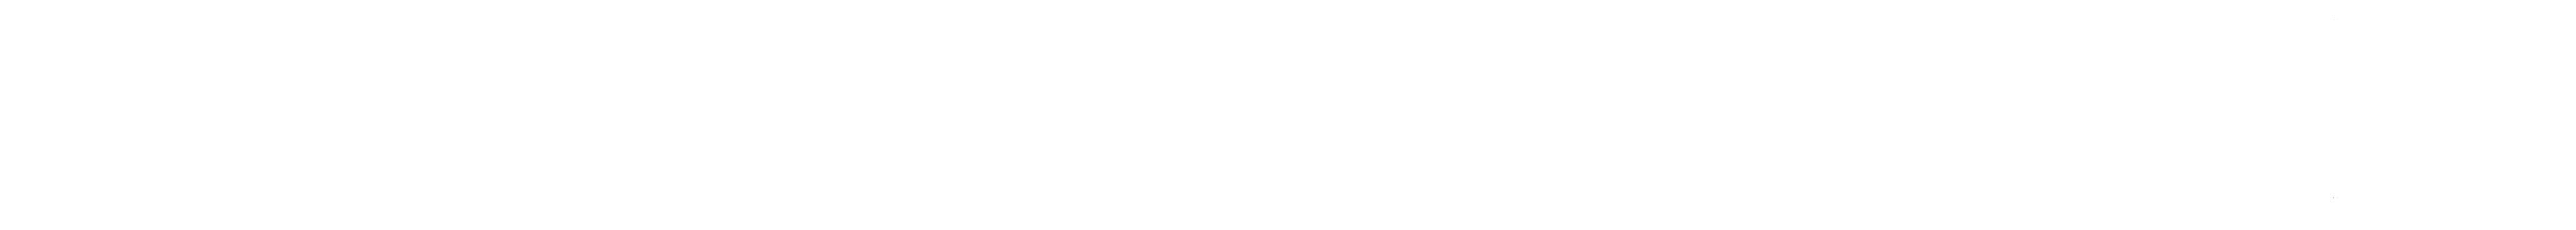 VERDMX